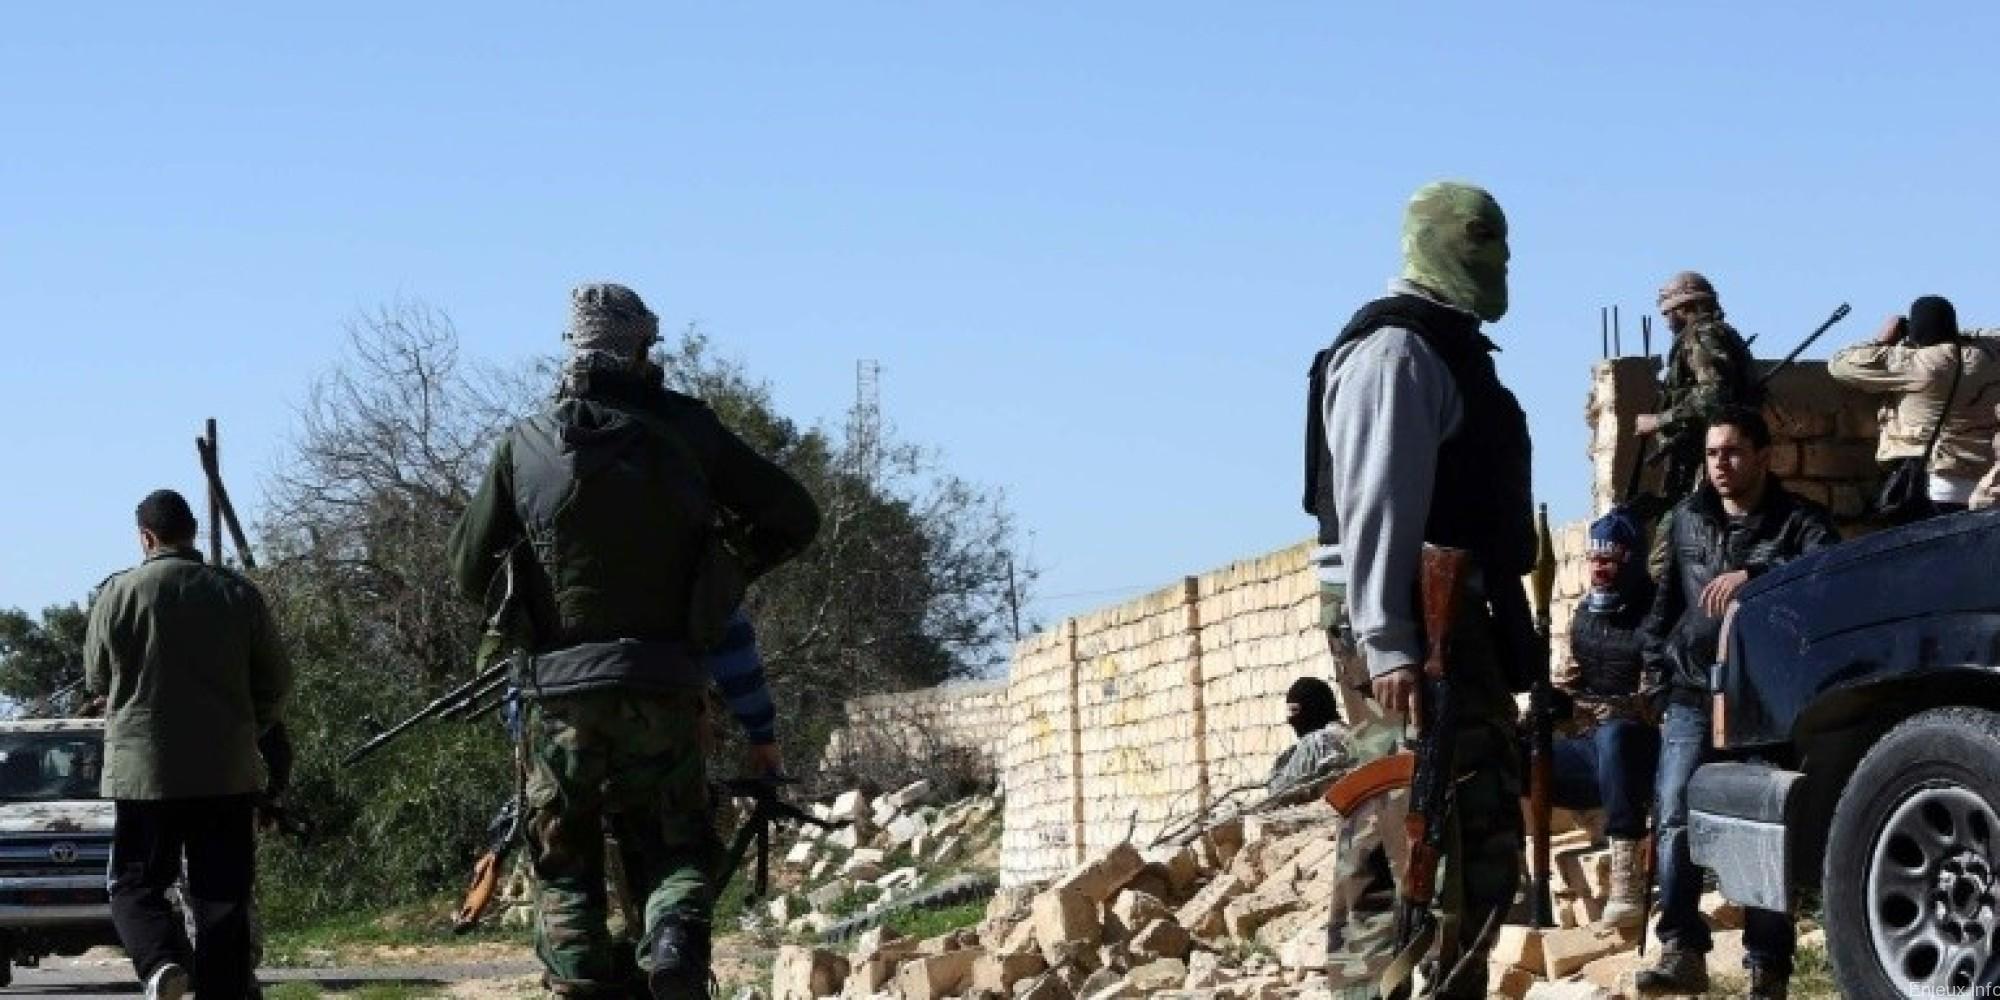 Libye : une trentaine d'agents des forces loyalistes tués lors d'un attentat à la voiture piégée